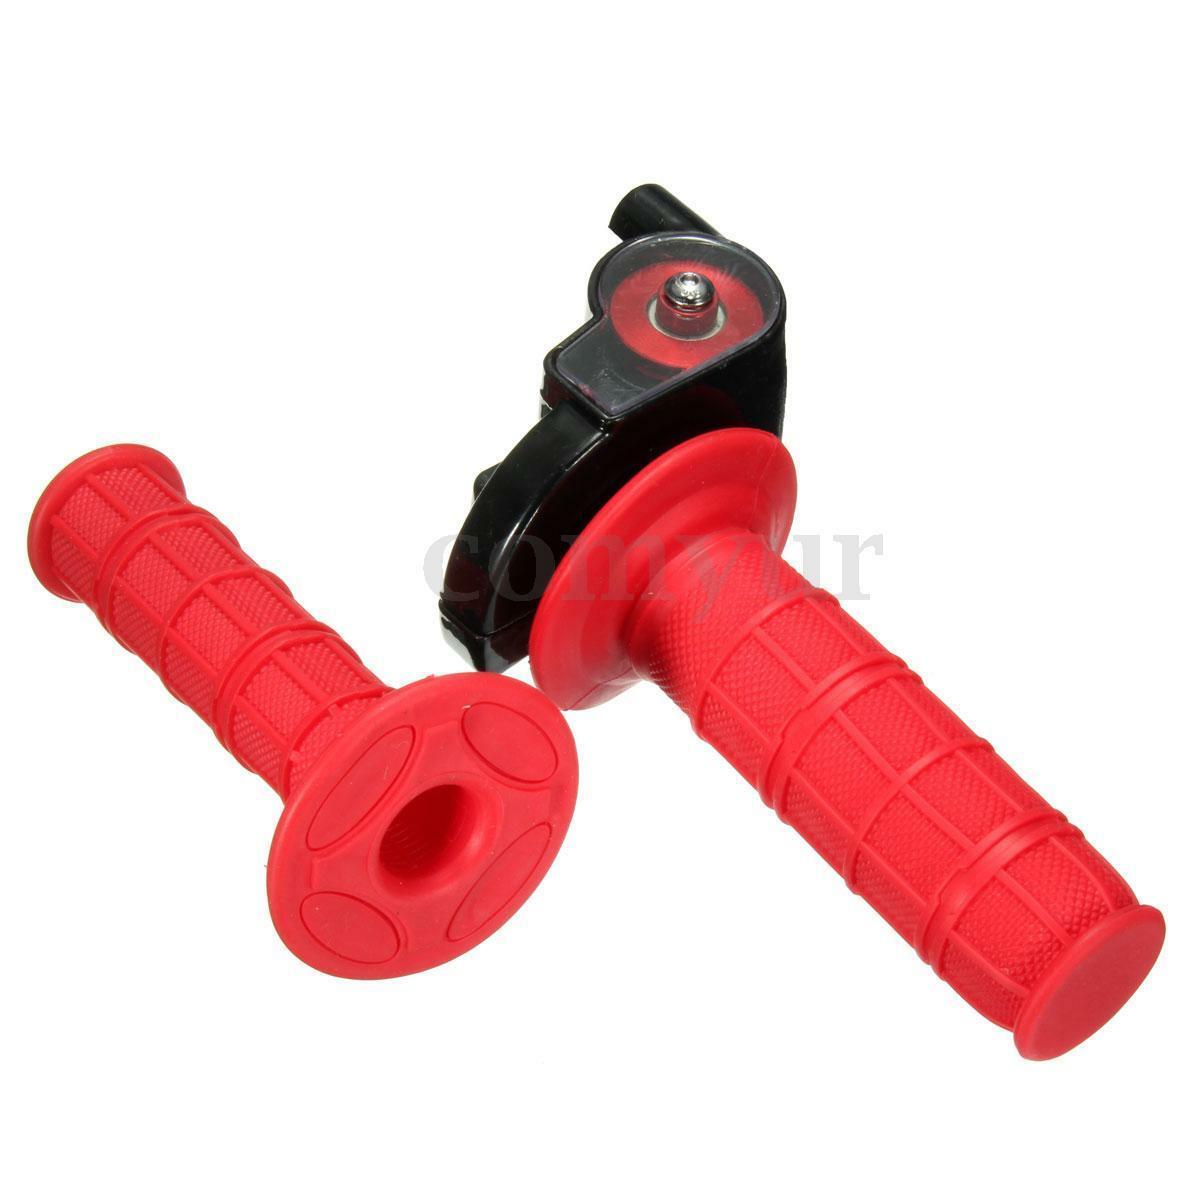 Pit Dirt Bike Quick Action Throttle Grip Twist W/Cable 125cc/140cc PITBIKE